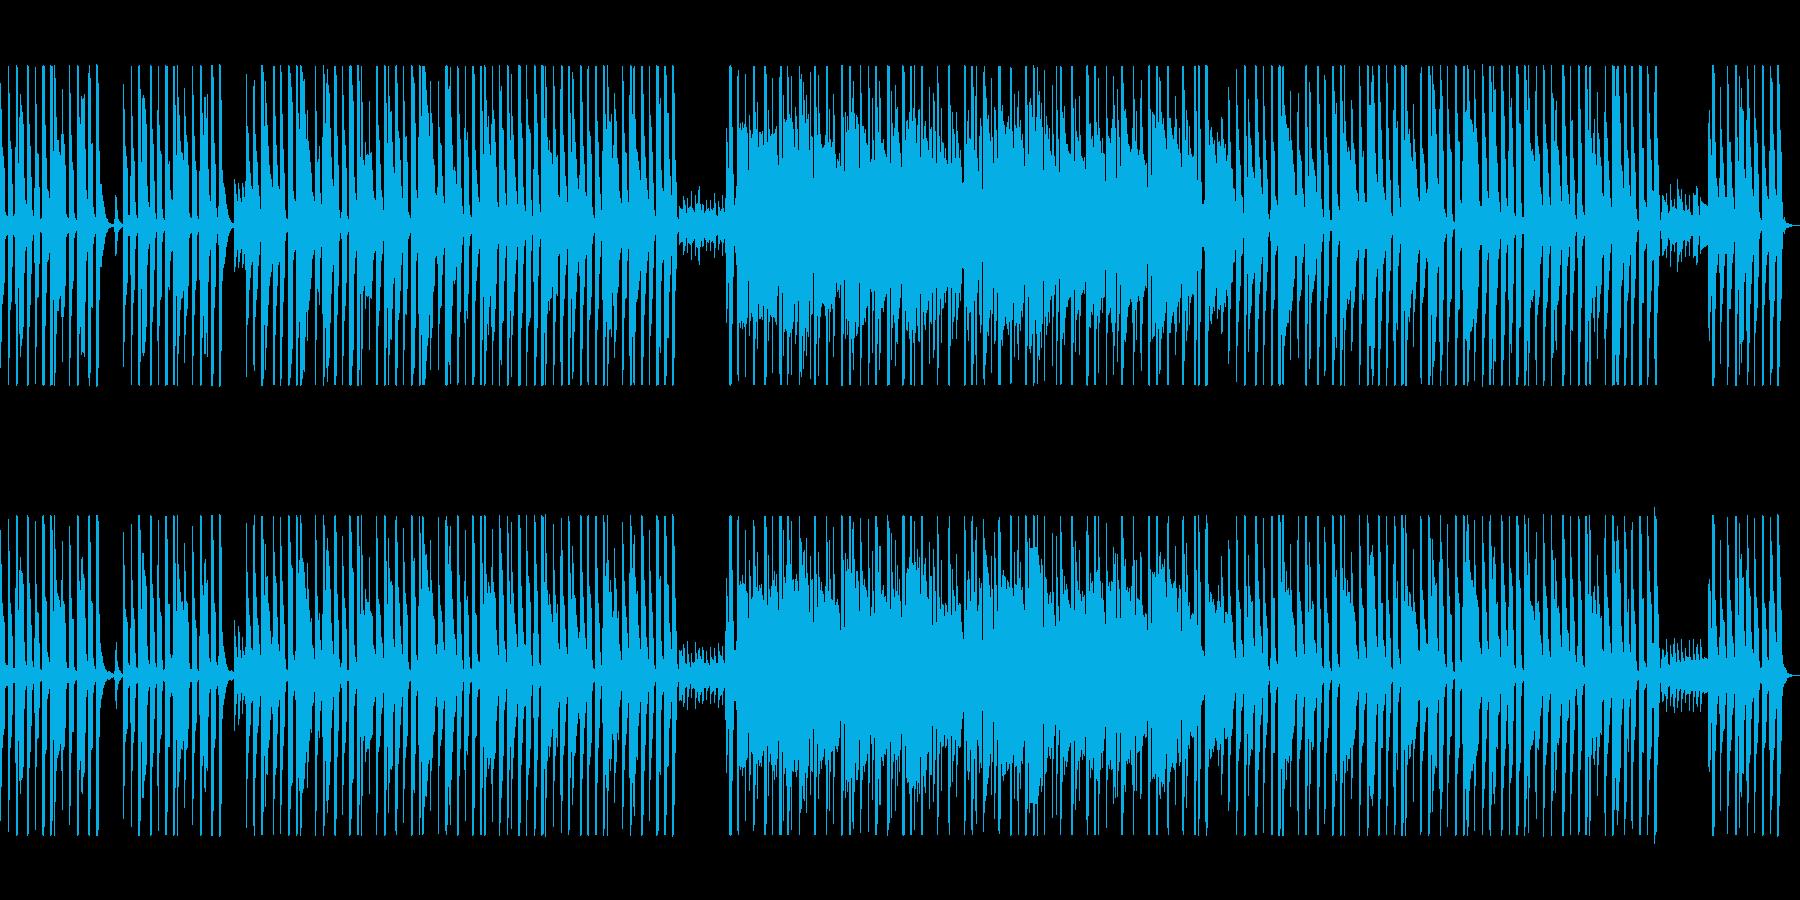 かわいらしく軽快なポップミュージックの再生済みの波形